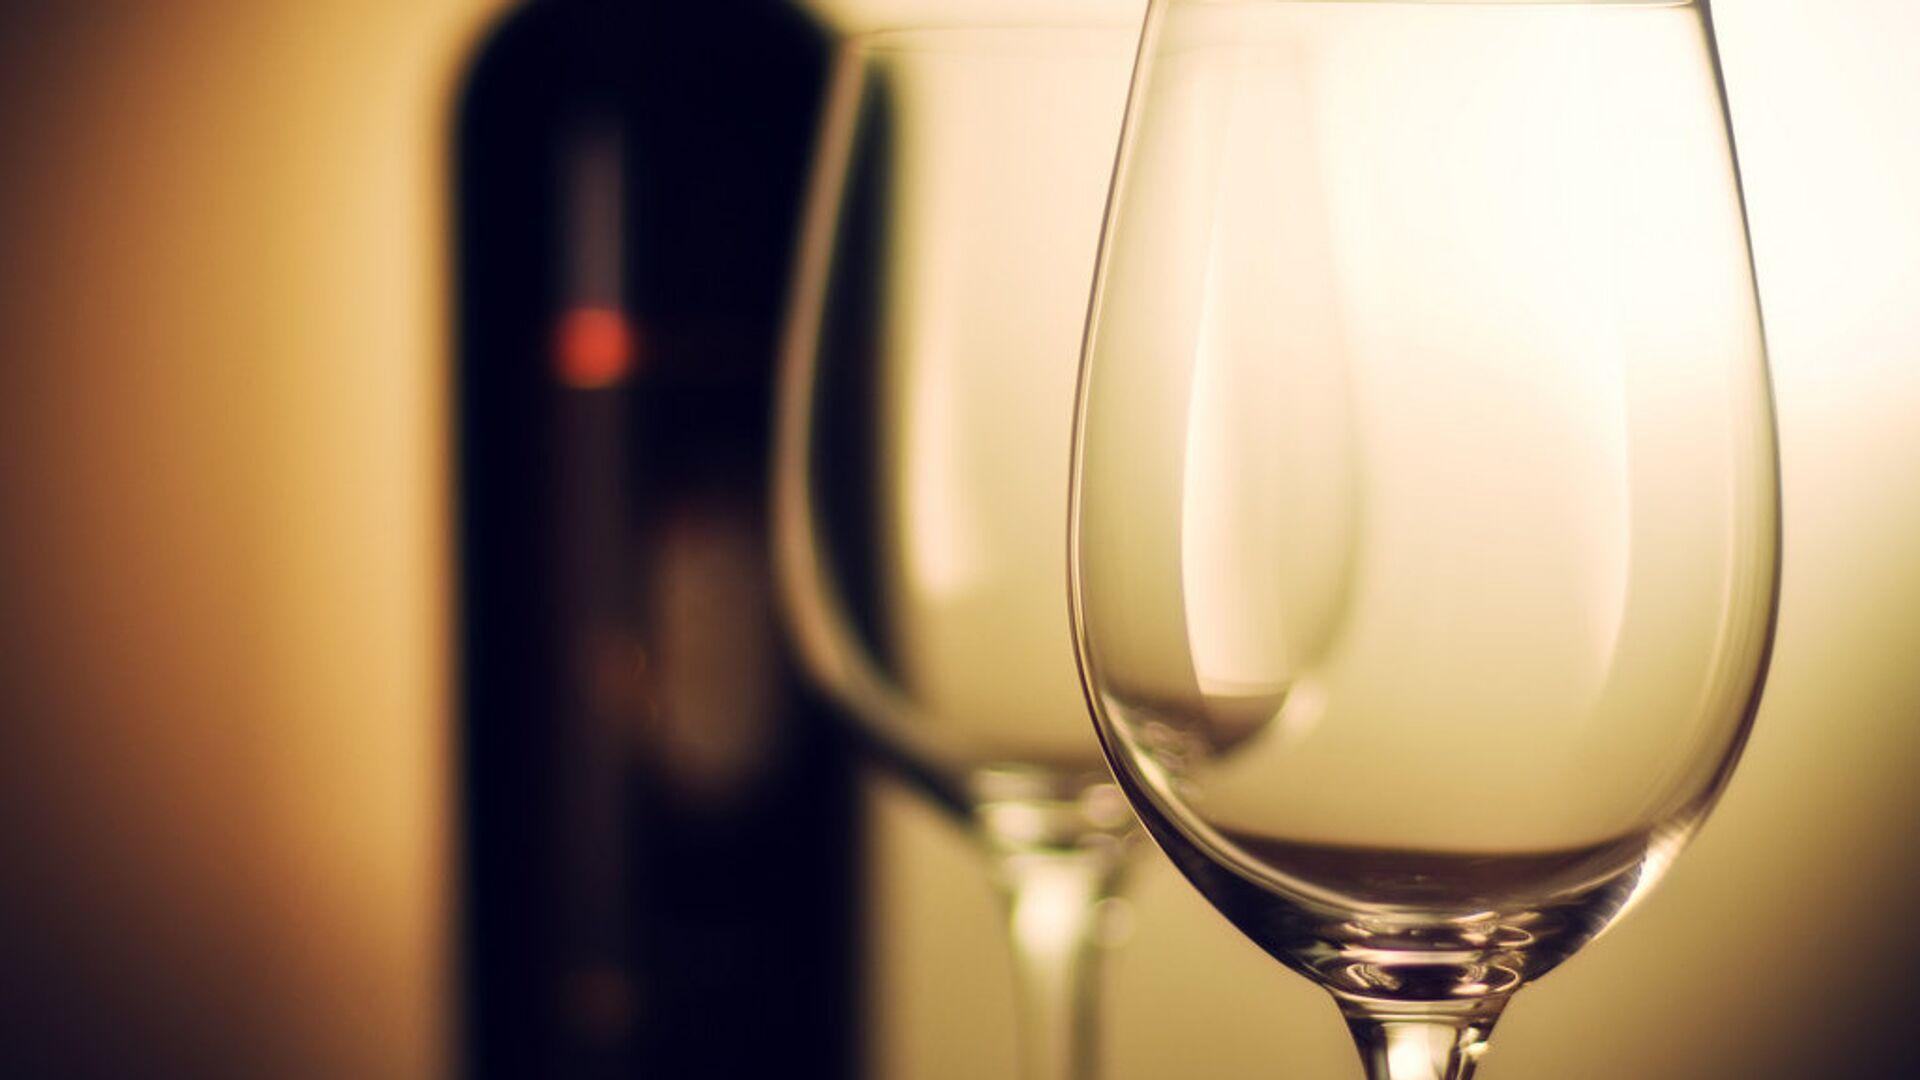 Una bottiglia di vino - Sputnik Italia, 1920, 16.09.2021